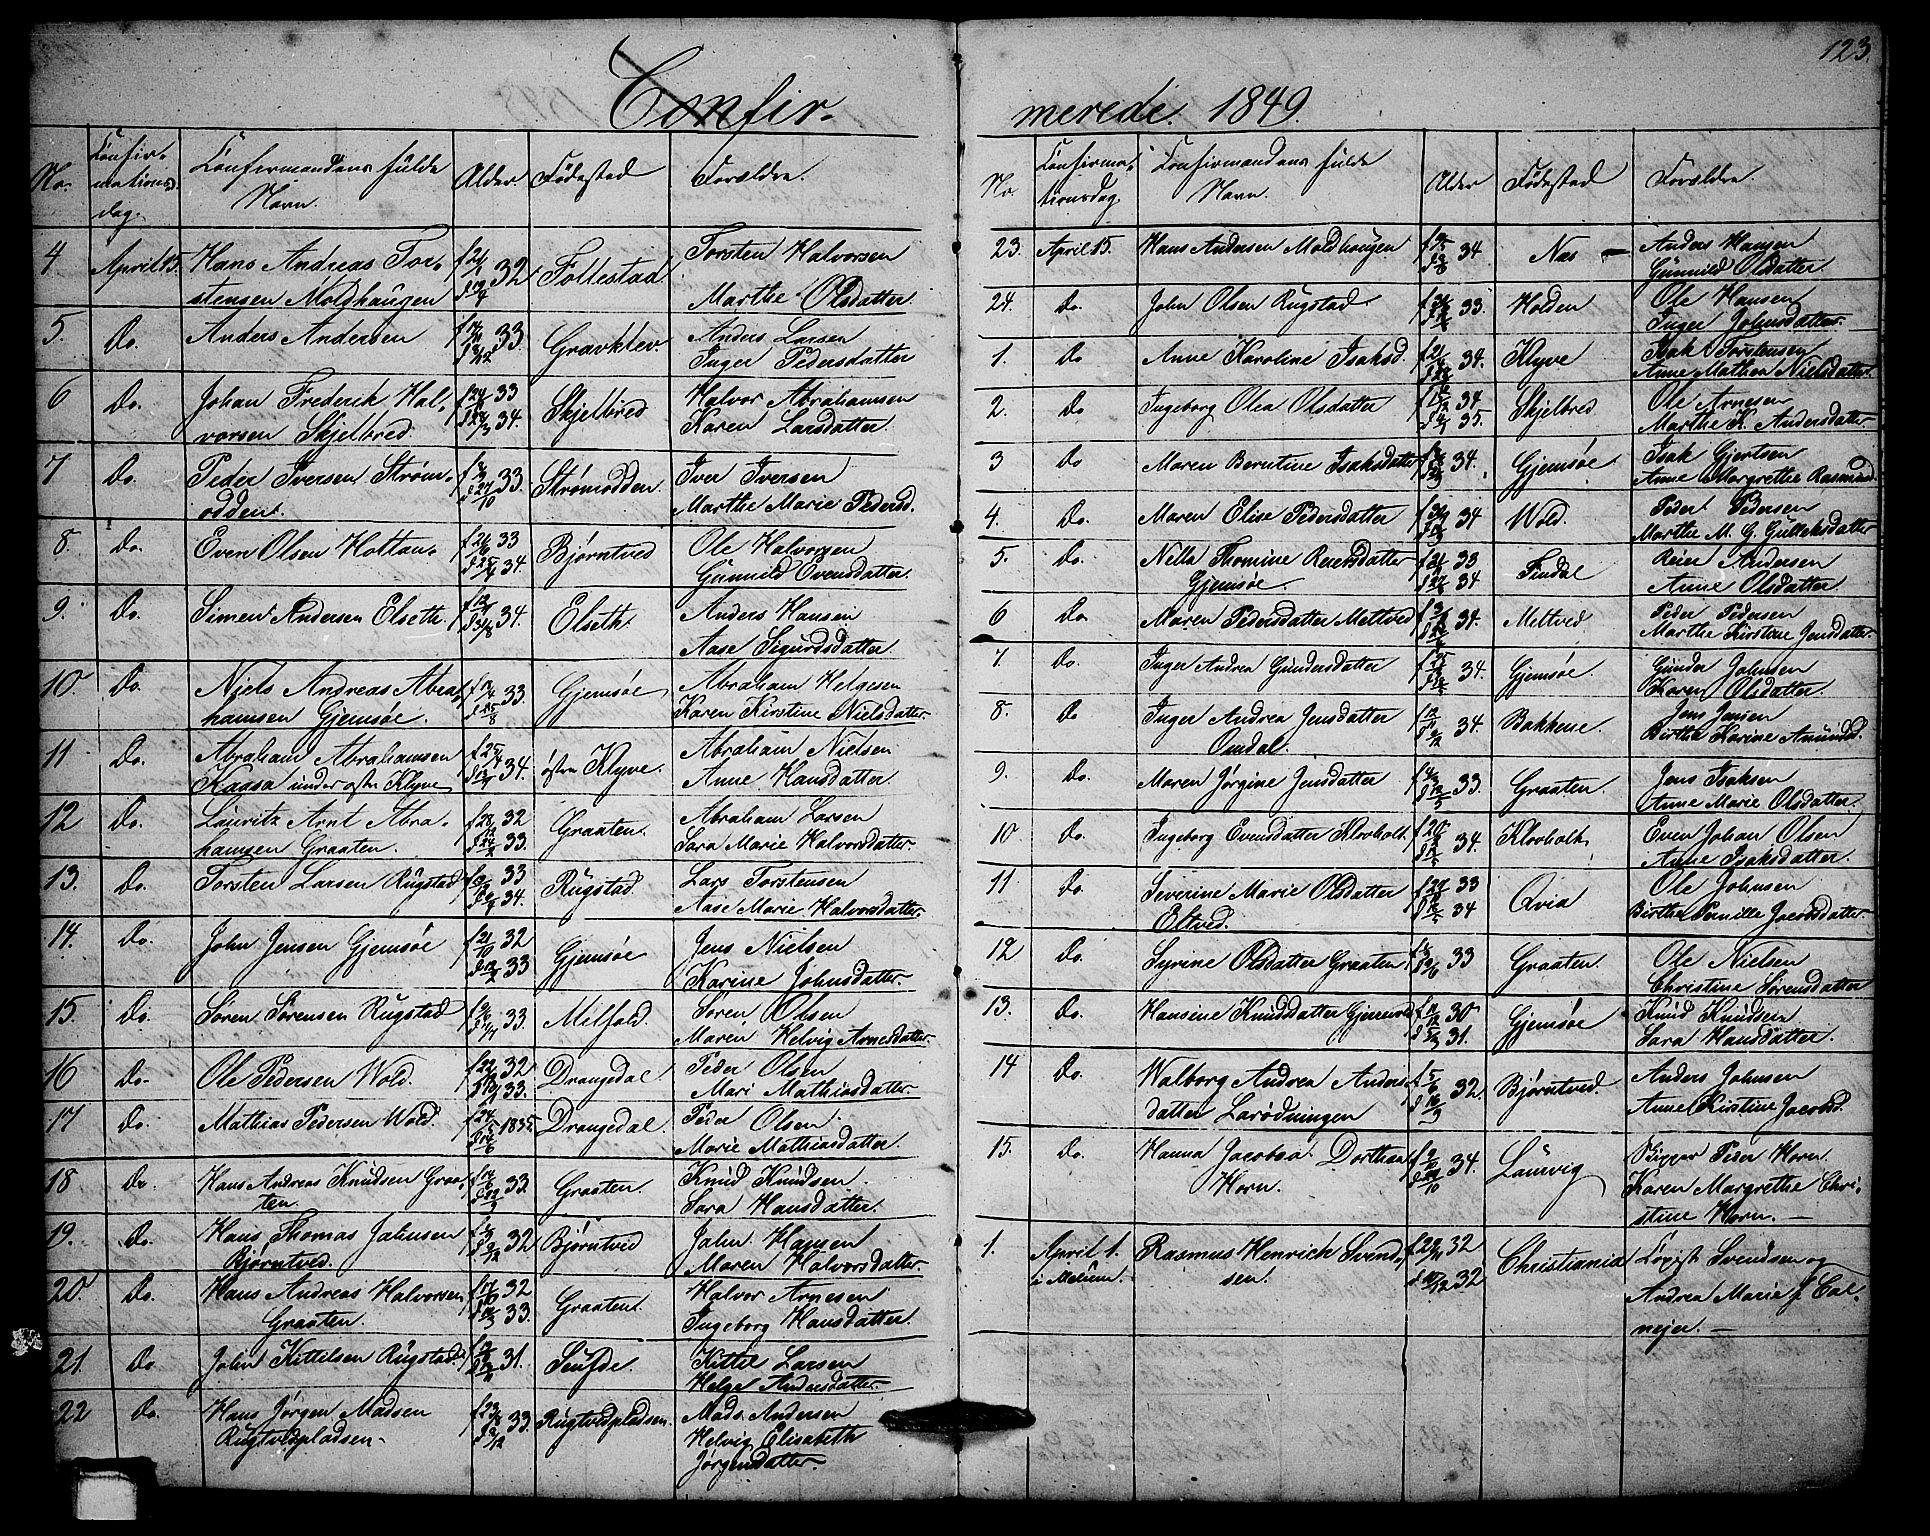 SAKO, Solum kirkebøker, G/Ga/L0003: Klokkerbok nr. I 3, 1848-1859, s. 123